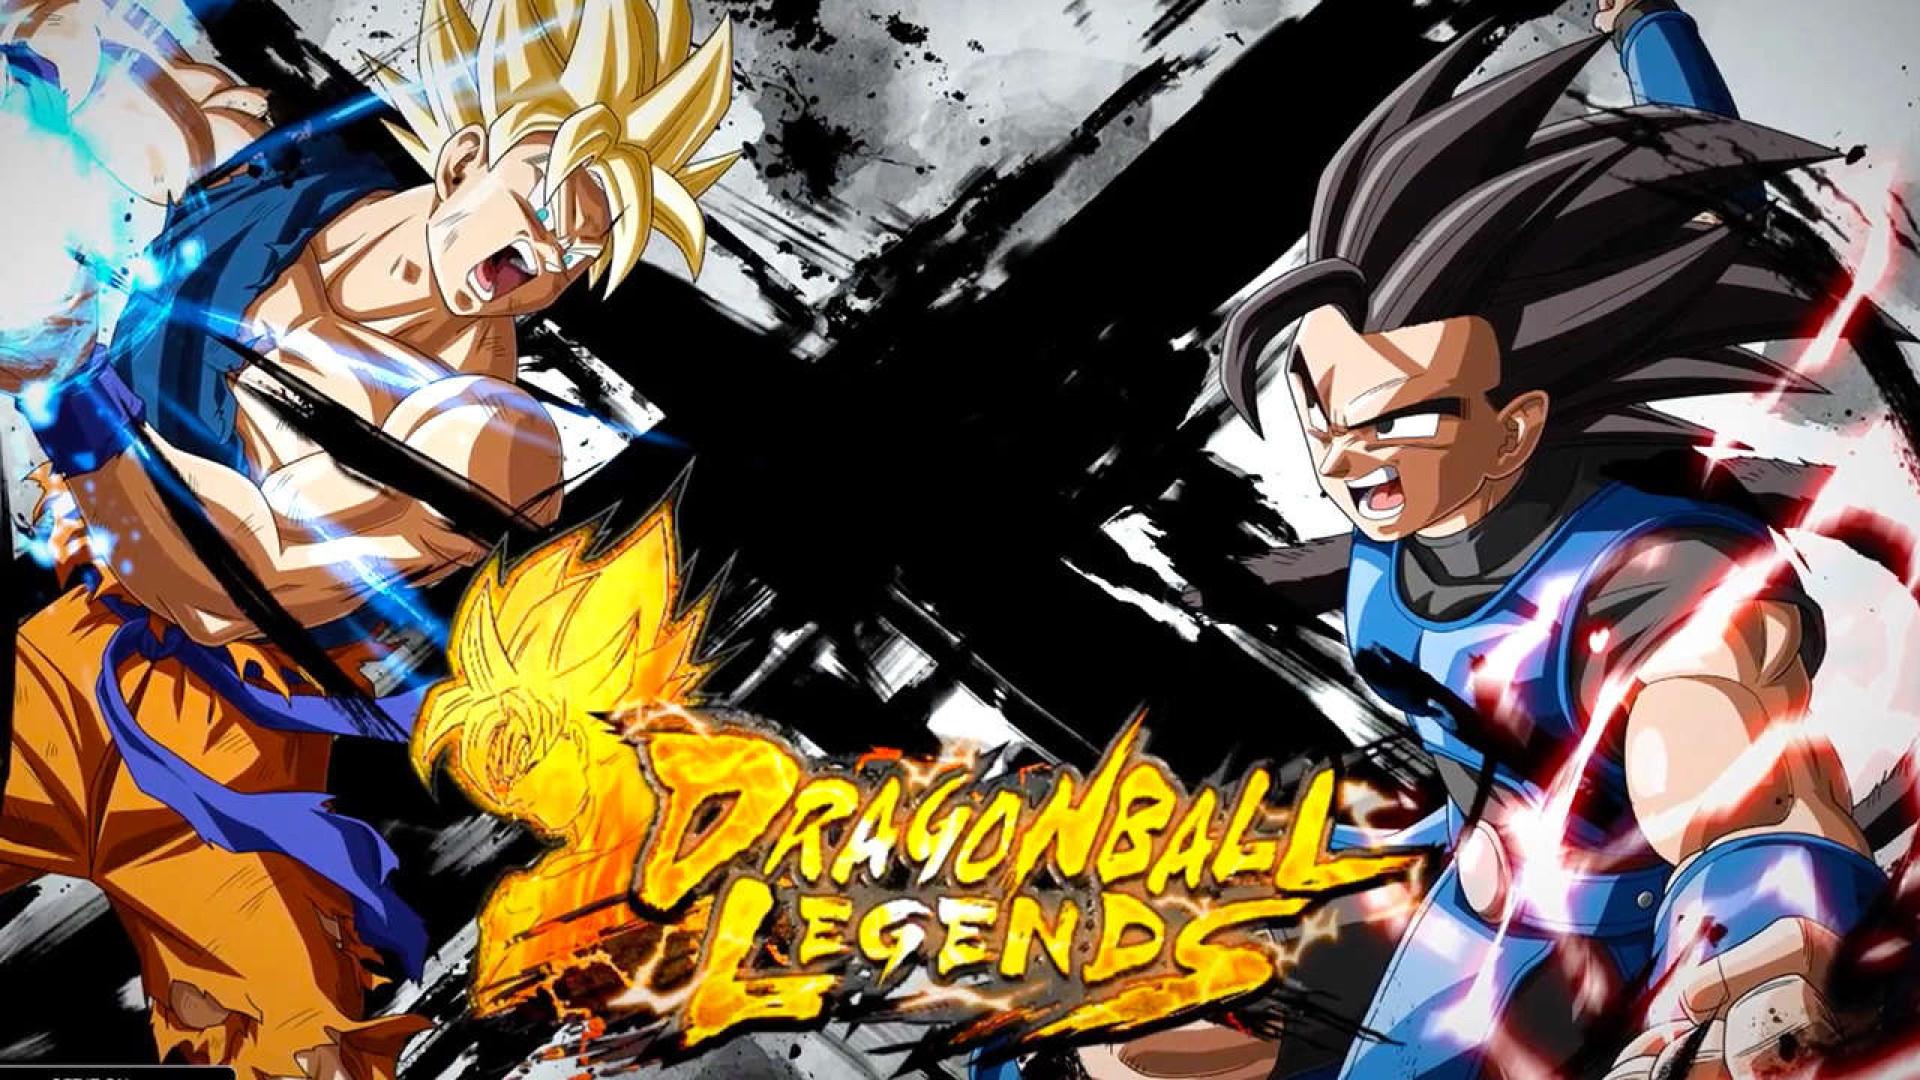 'Dragon Ball'. Combates online chegam aos smartphones este verão